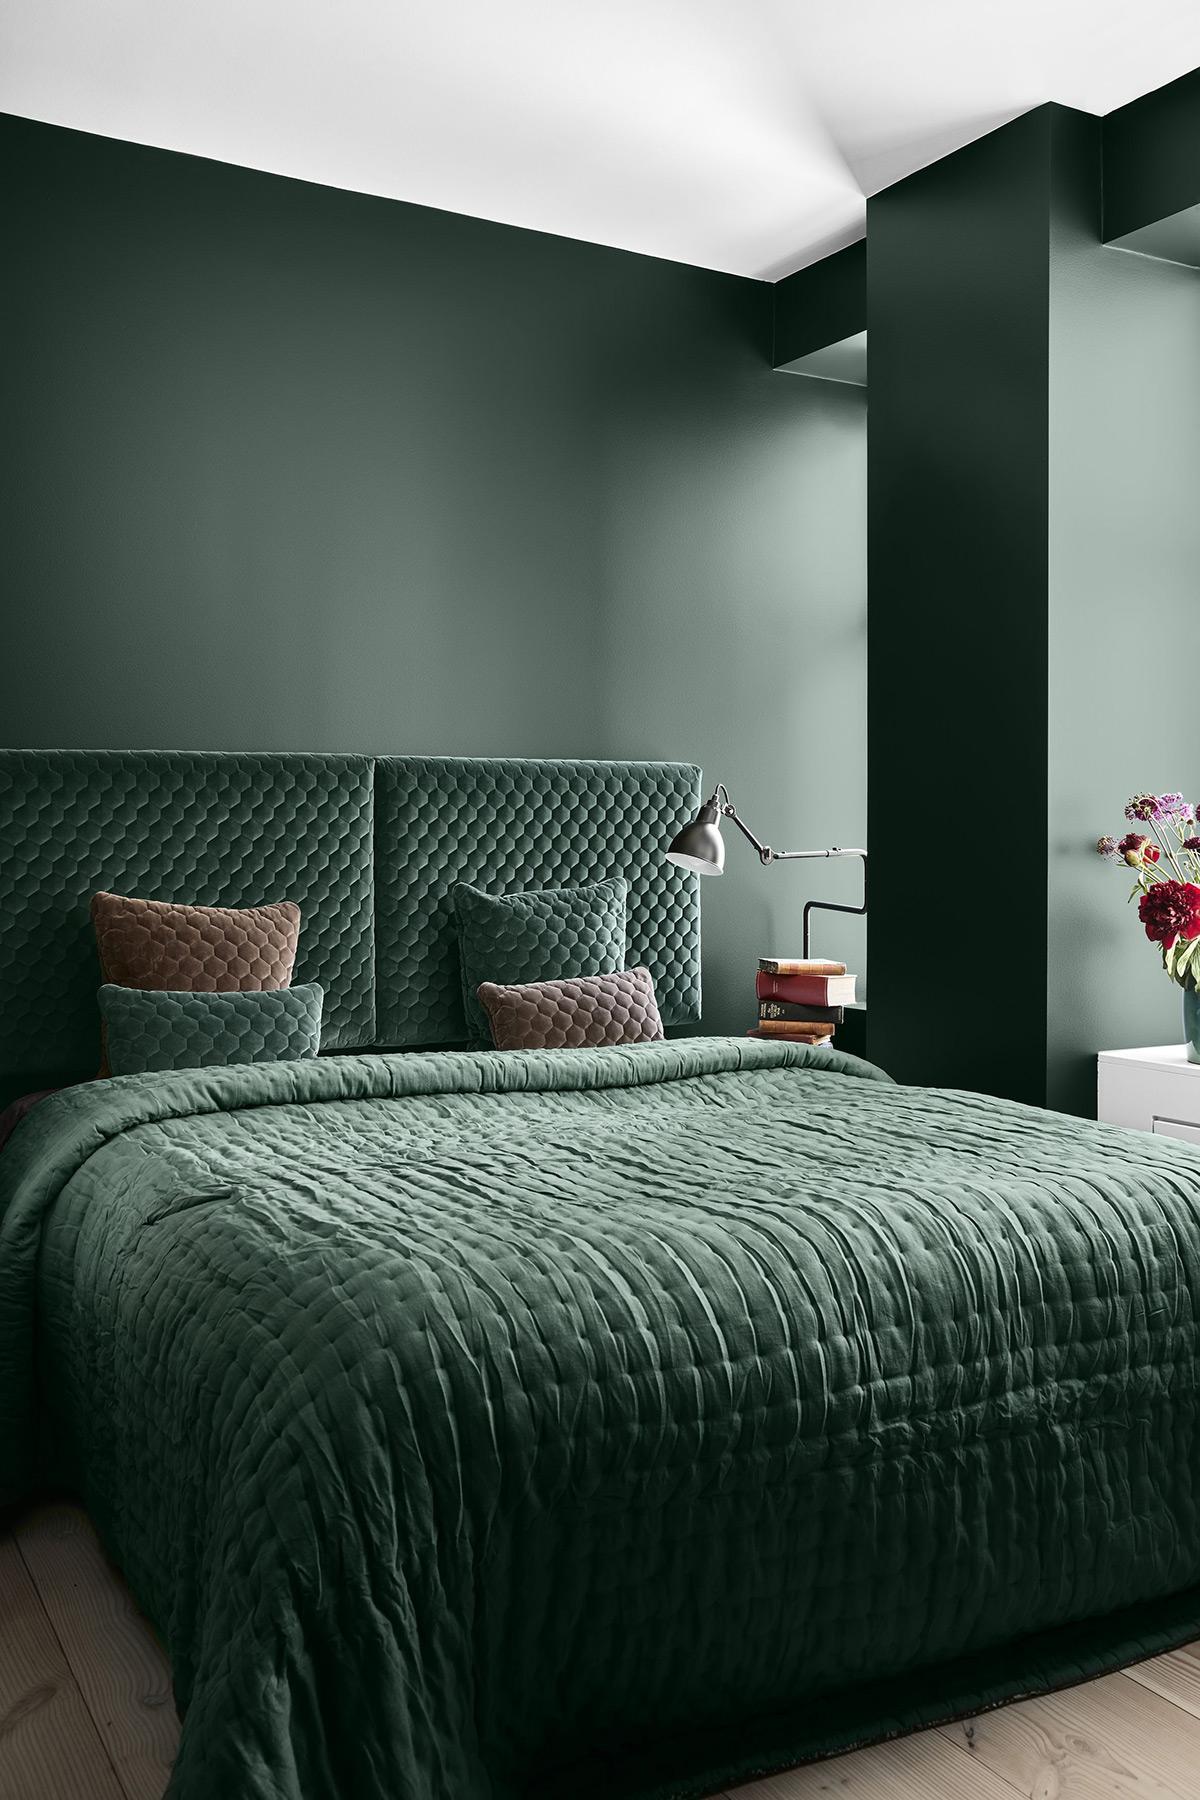 groen interieur slaapkamer Histor